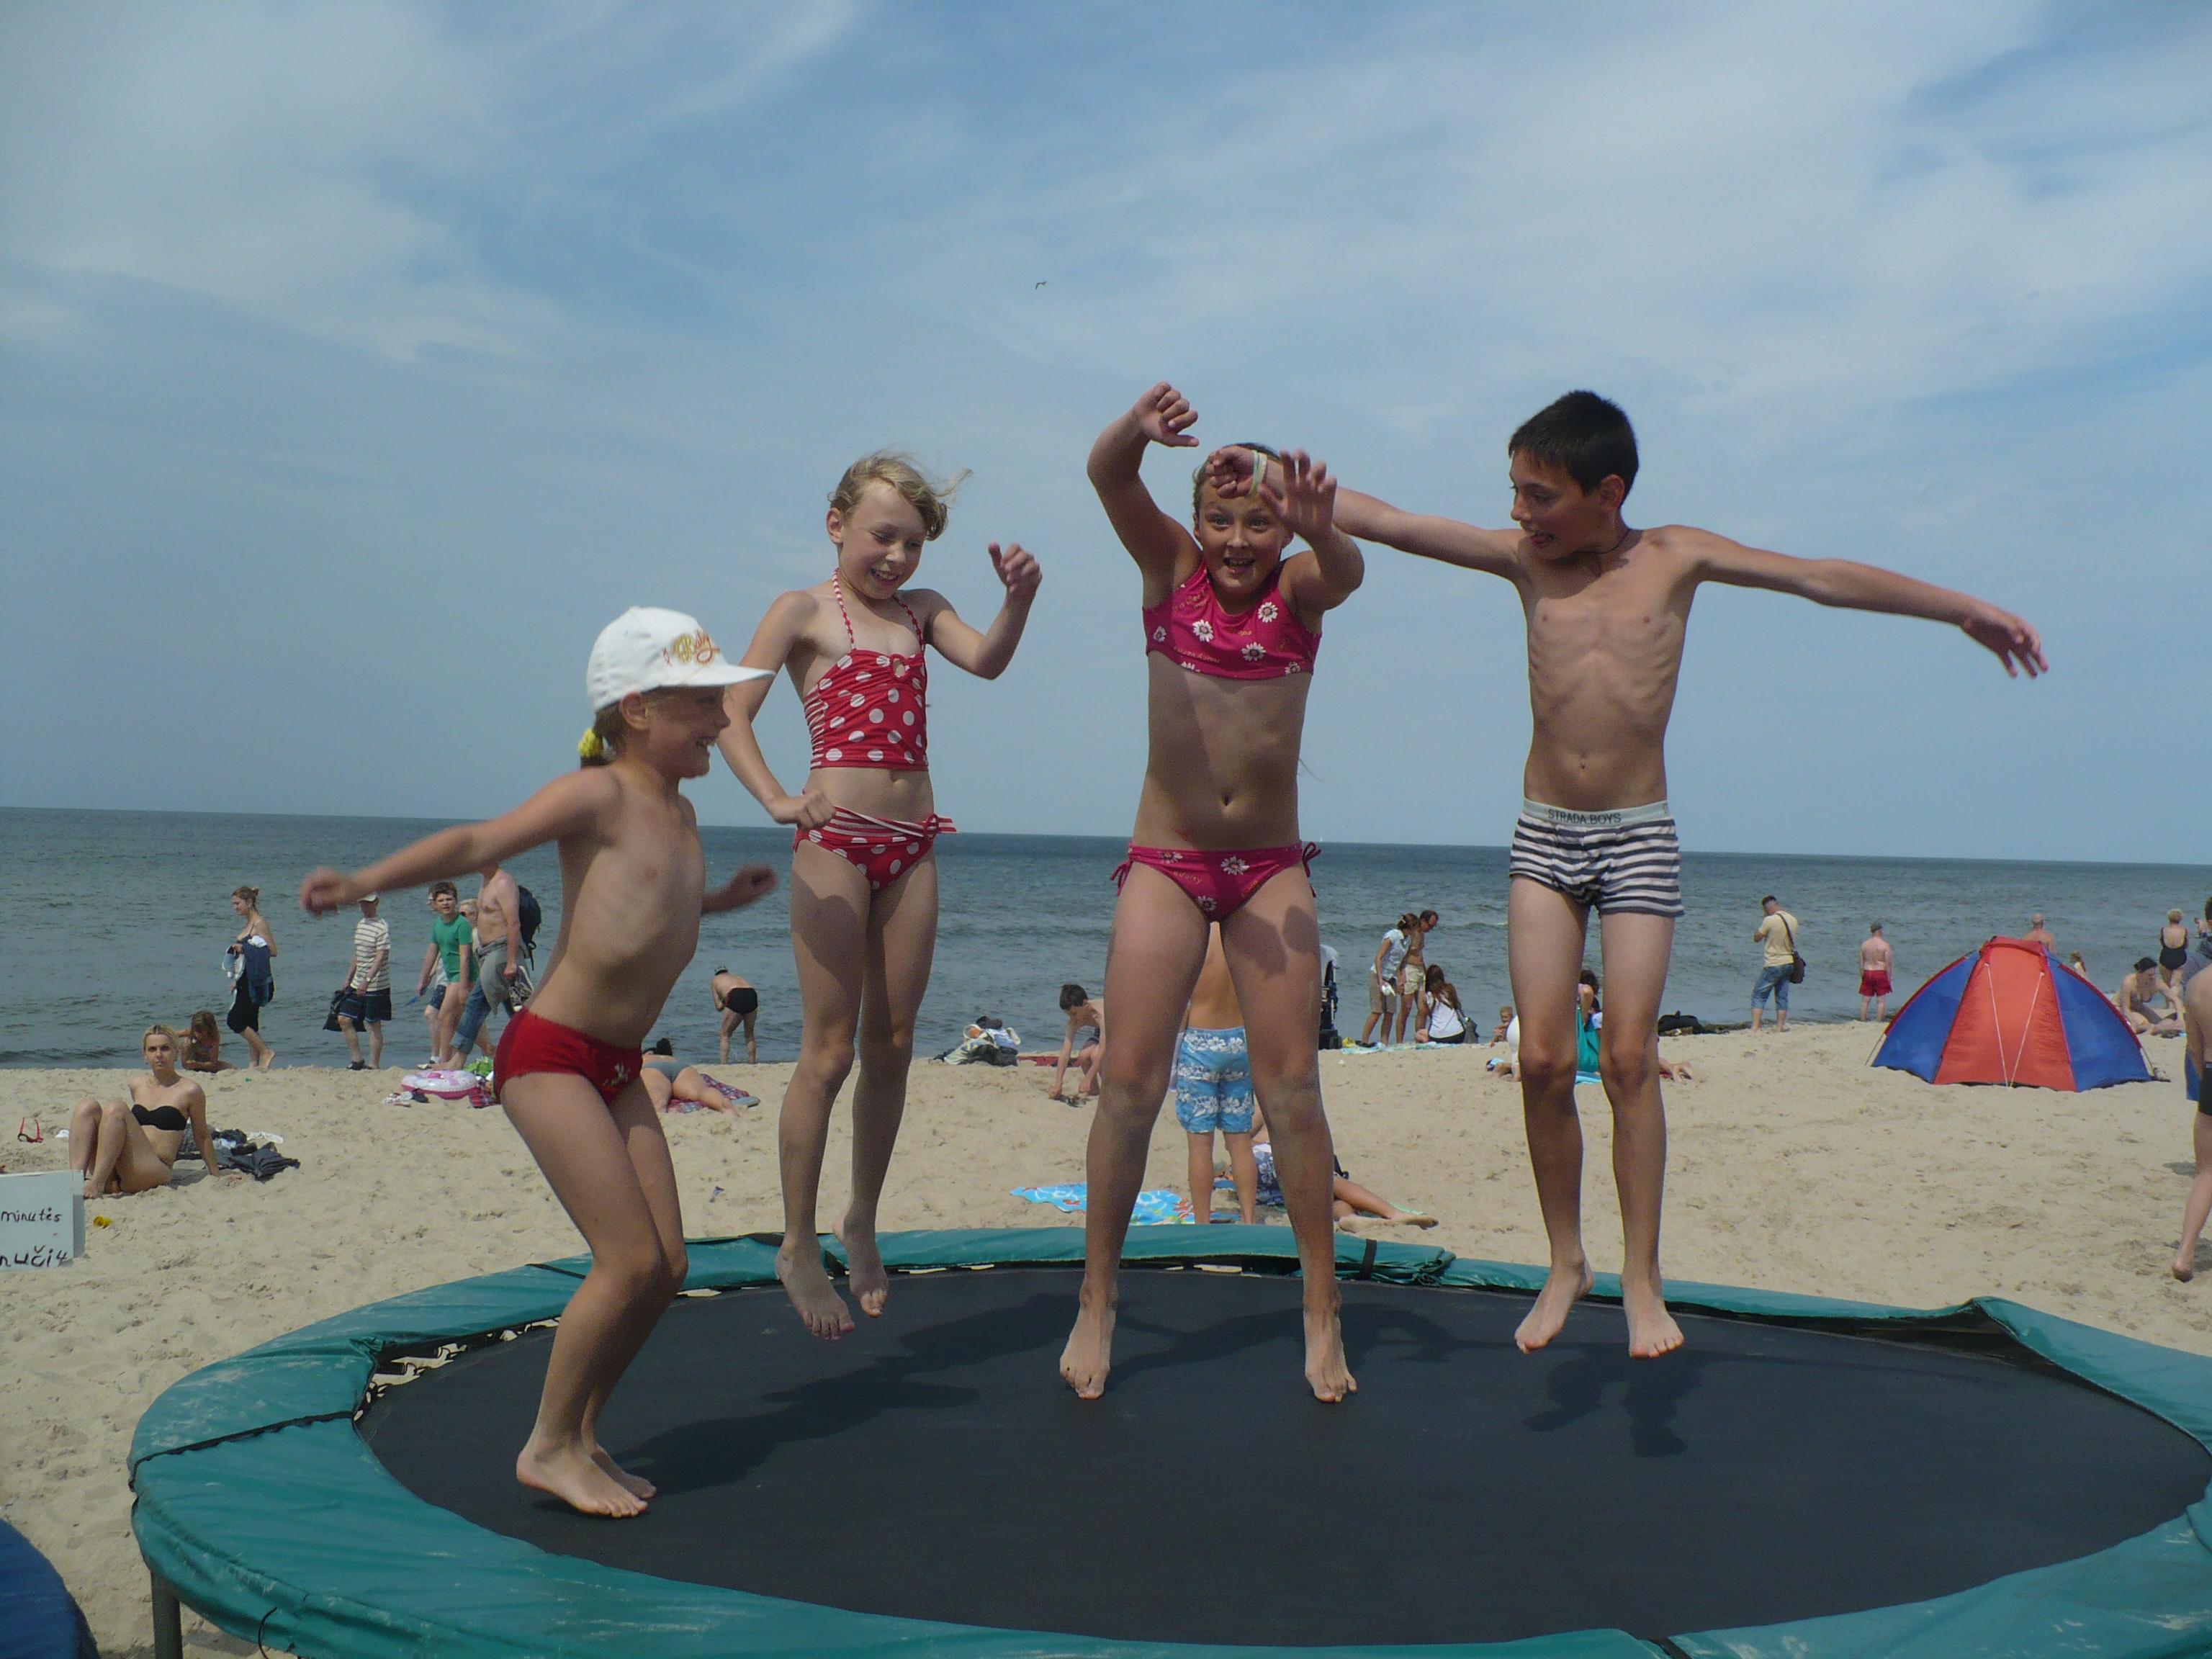 Vasaros stovykla prie jūros